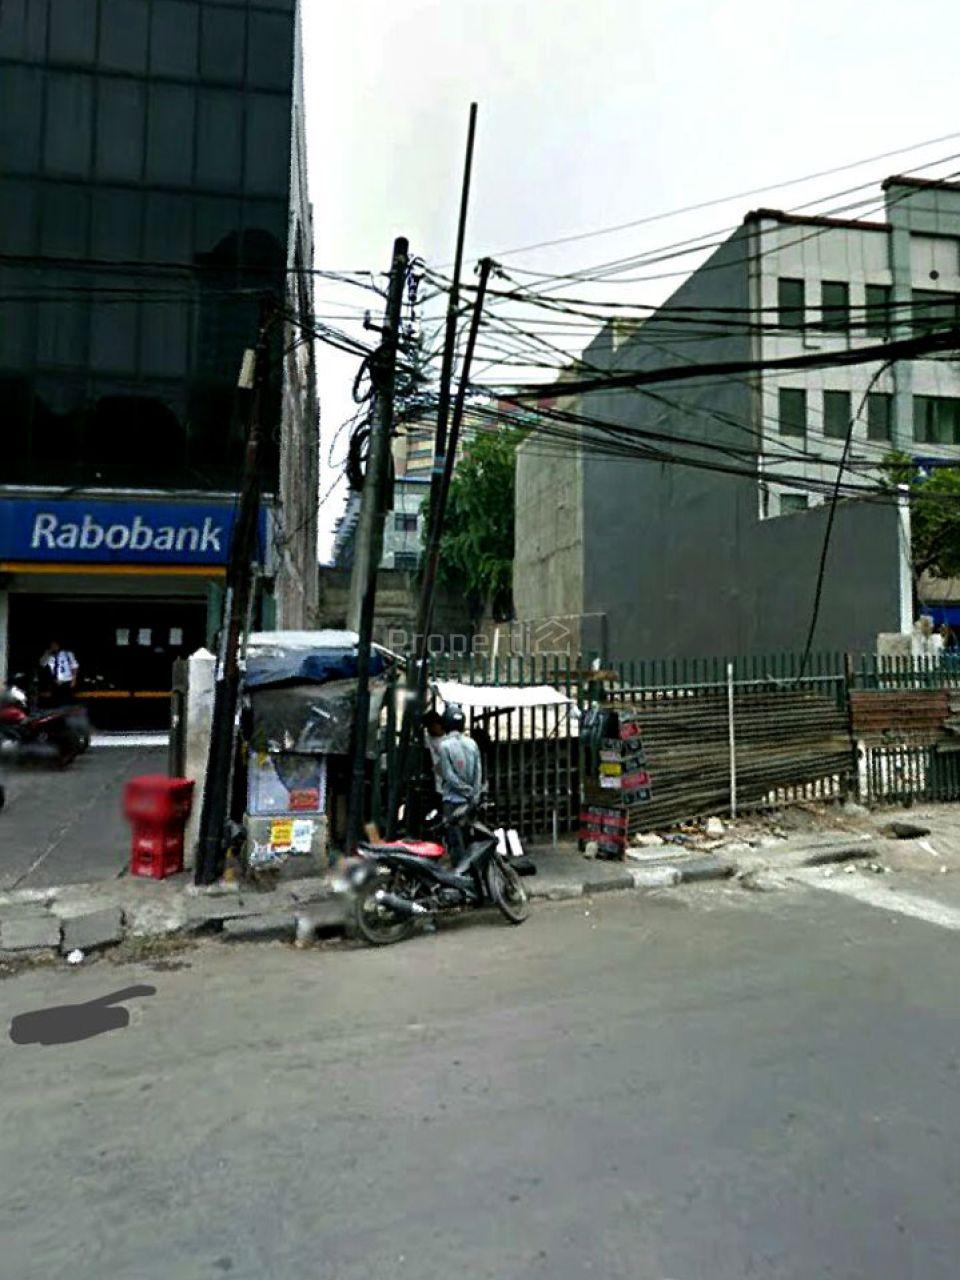 Lahan Persegi di Pasar Baru, Jakarta Pusat, DKI Jakarta